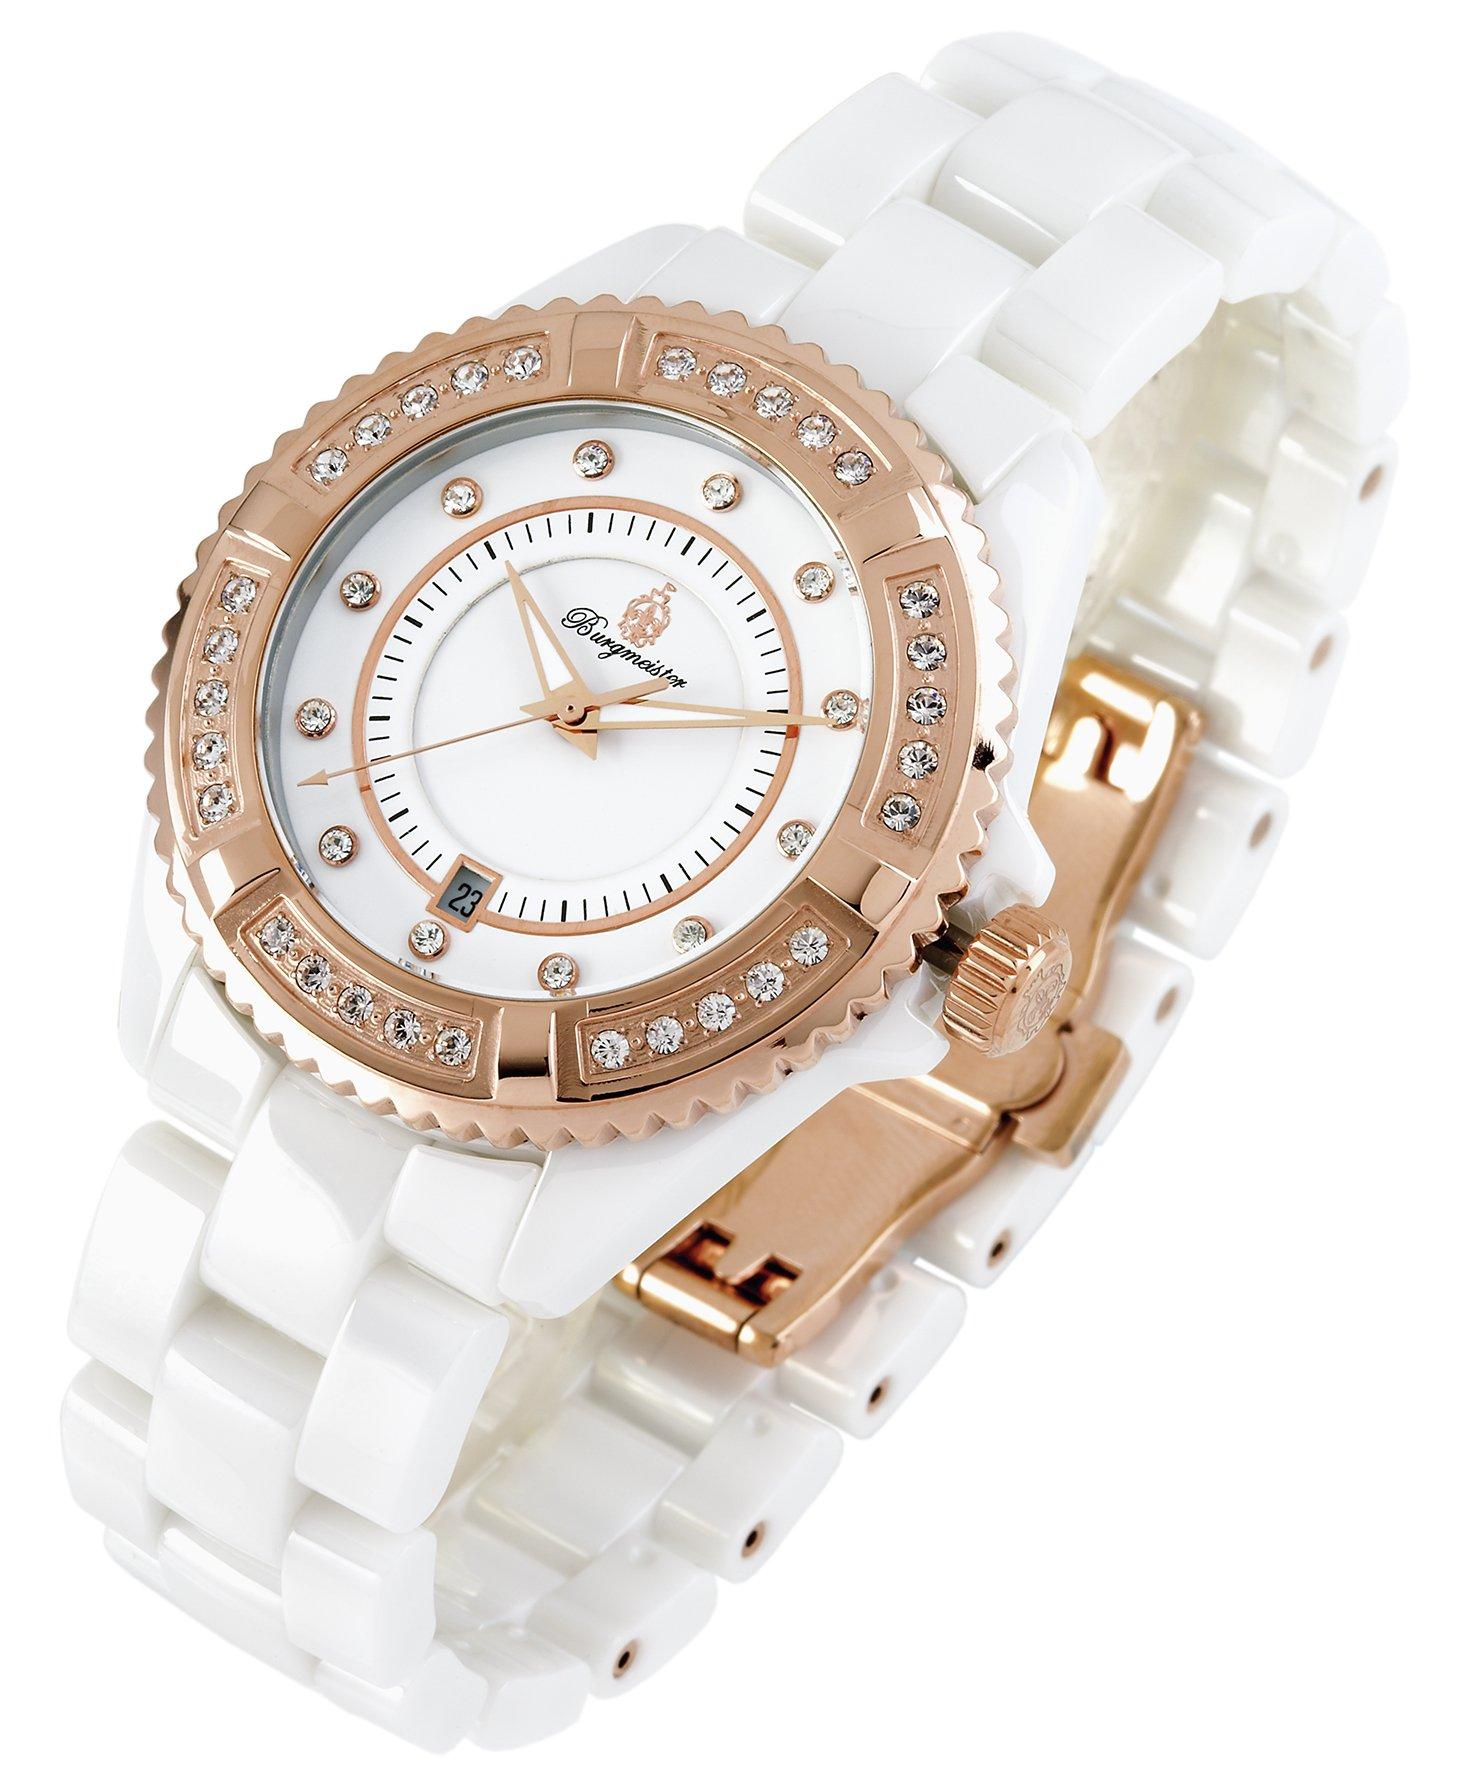 Burgmeister-Armbanduhr-fr-Damen-mit-Analog-Anzeige-Quarz-Uhr-mit-Keramik-Armband-Wasserdichte-Damenuhr-mit-zeitlosem-schickem-Design-klassische-elegante-Uhr-fr-Frauen-BM151-586-Athen